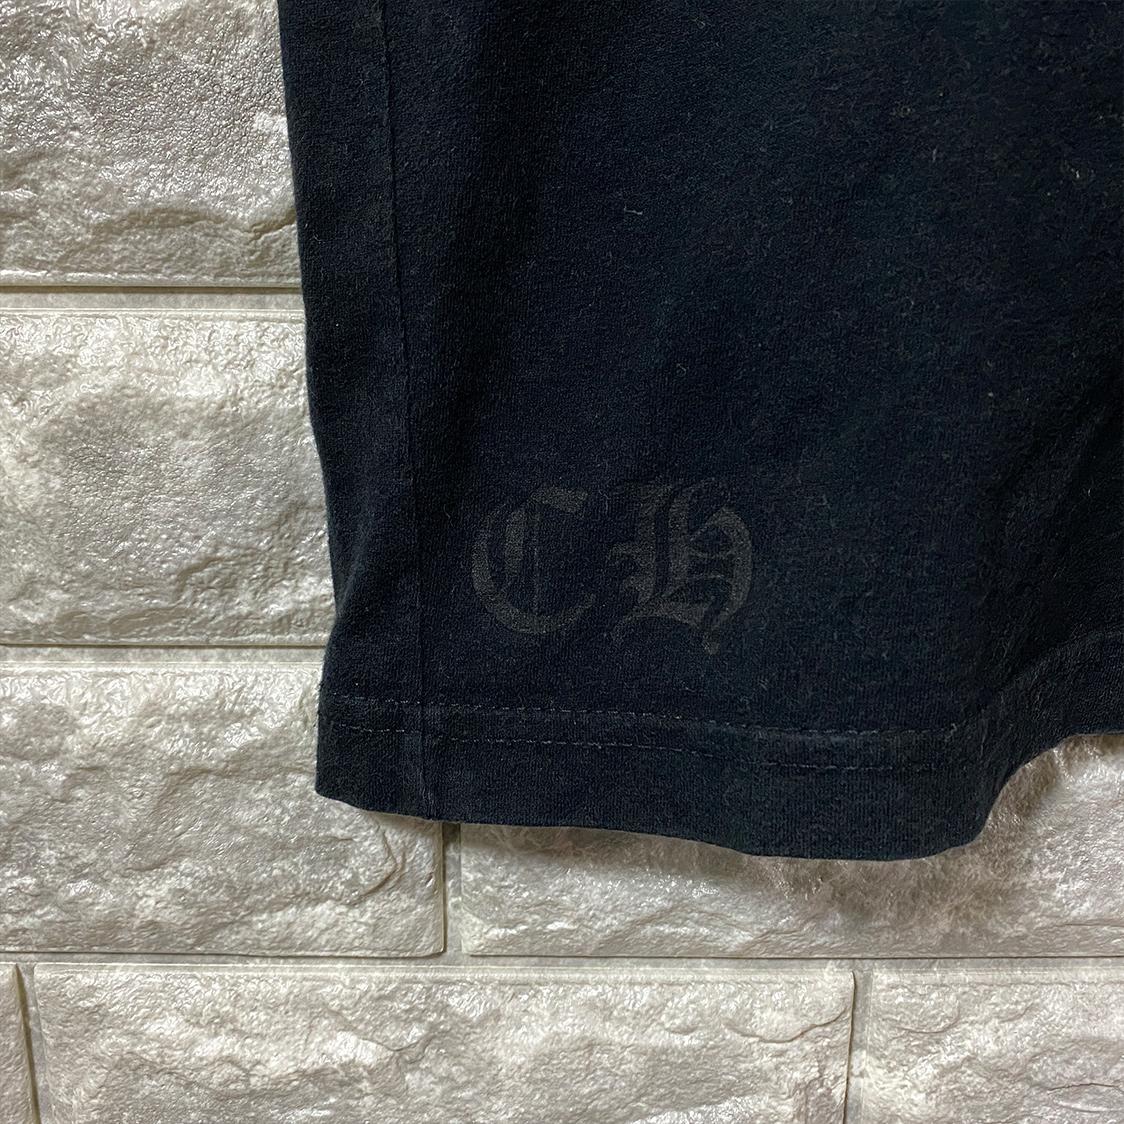 クロムハーツ CHROMEHEARTS【Mサイズ】 クロス バックプリント ポケット付き Tシャツ カ ットソー ブラック